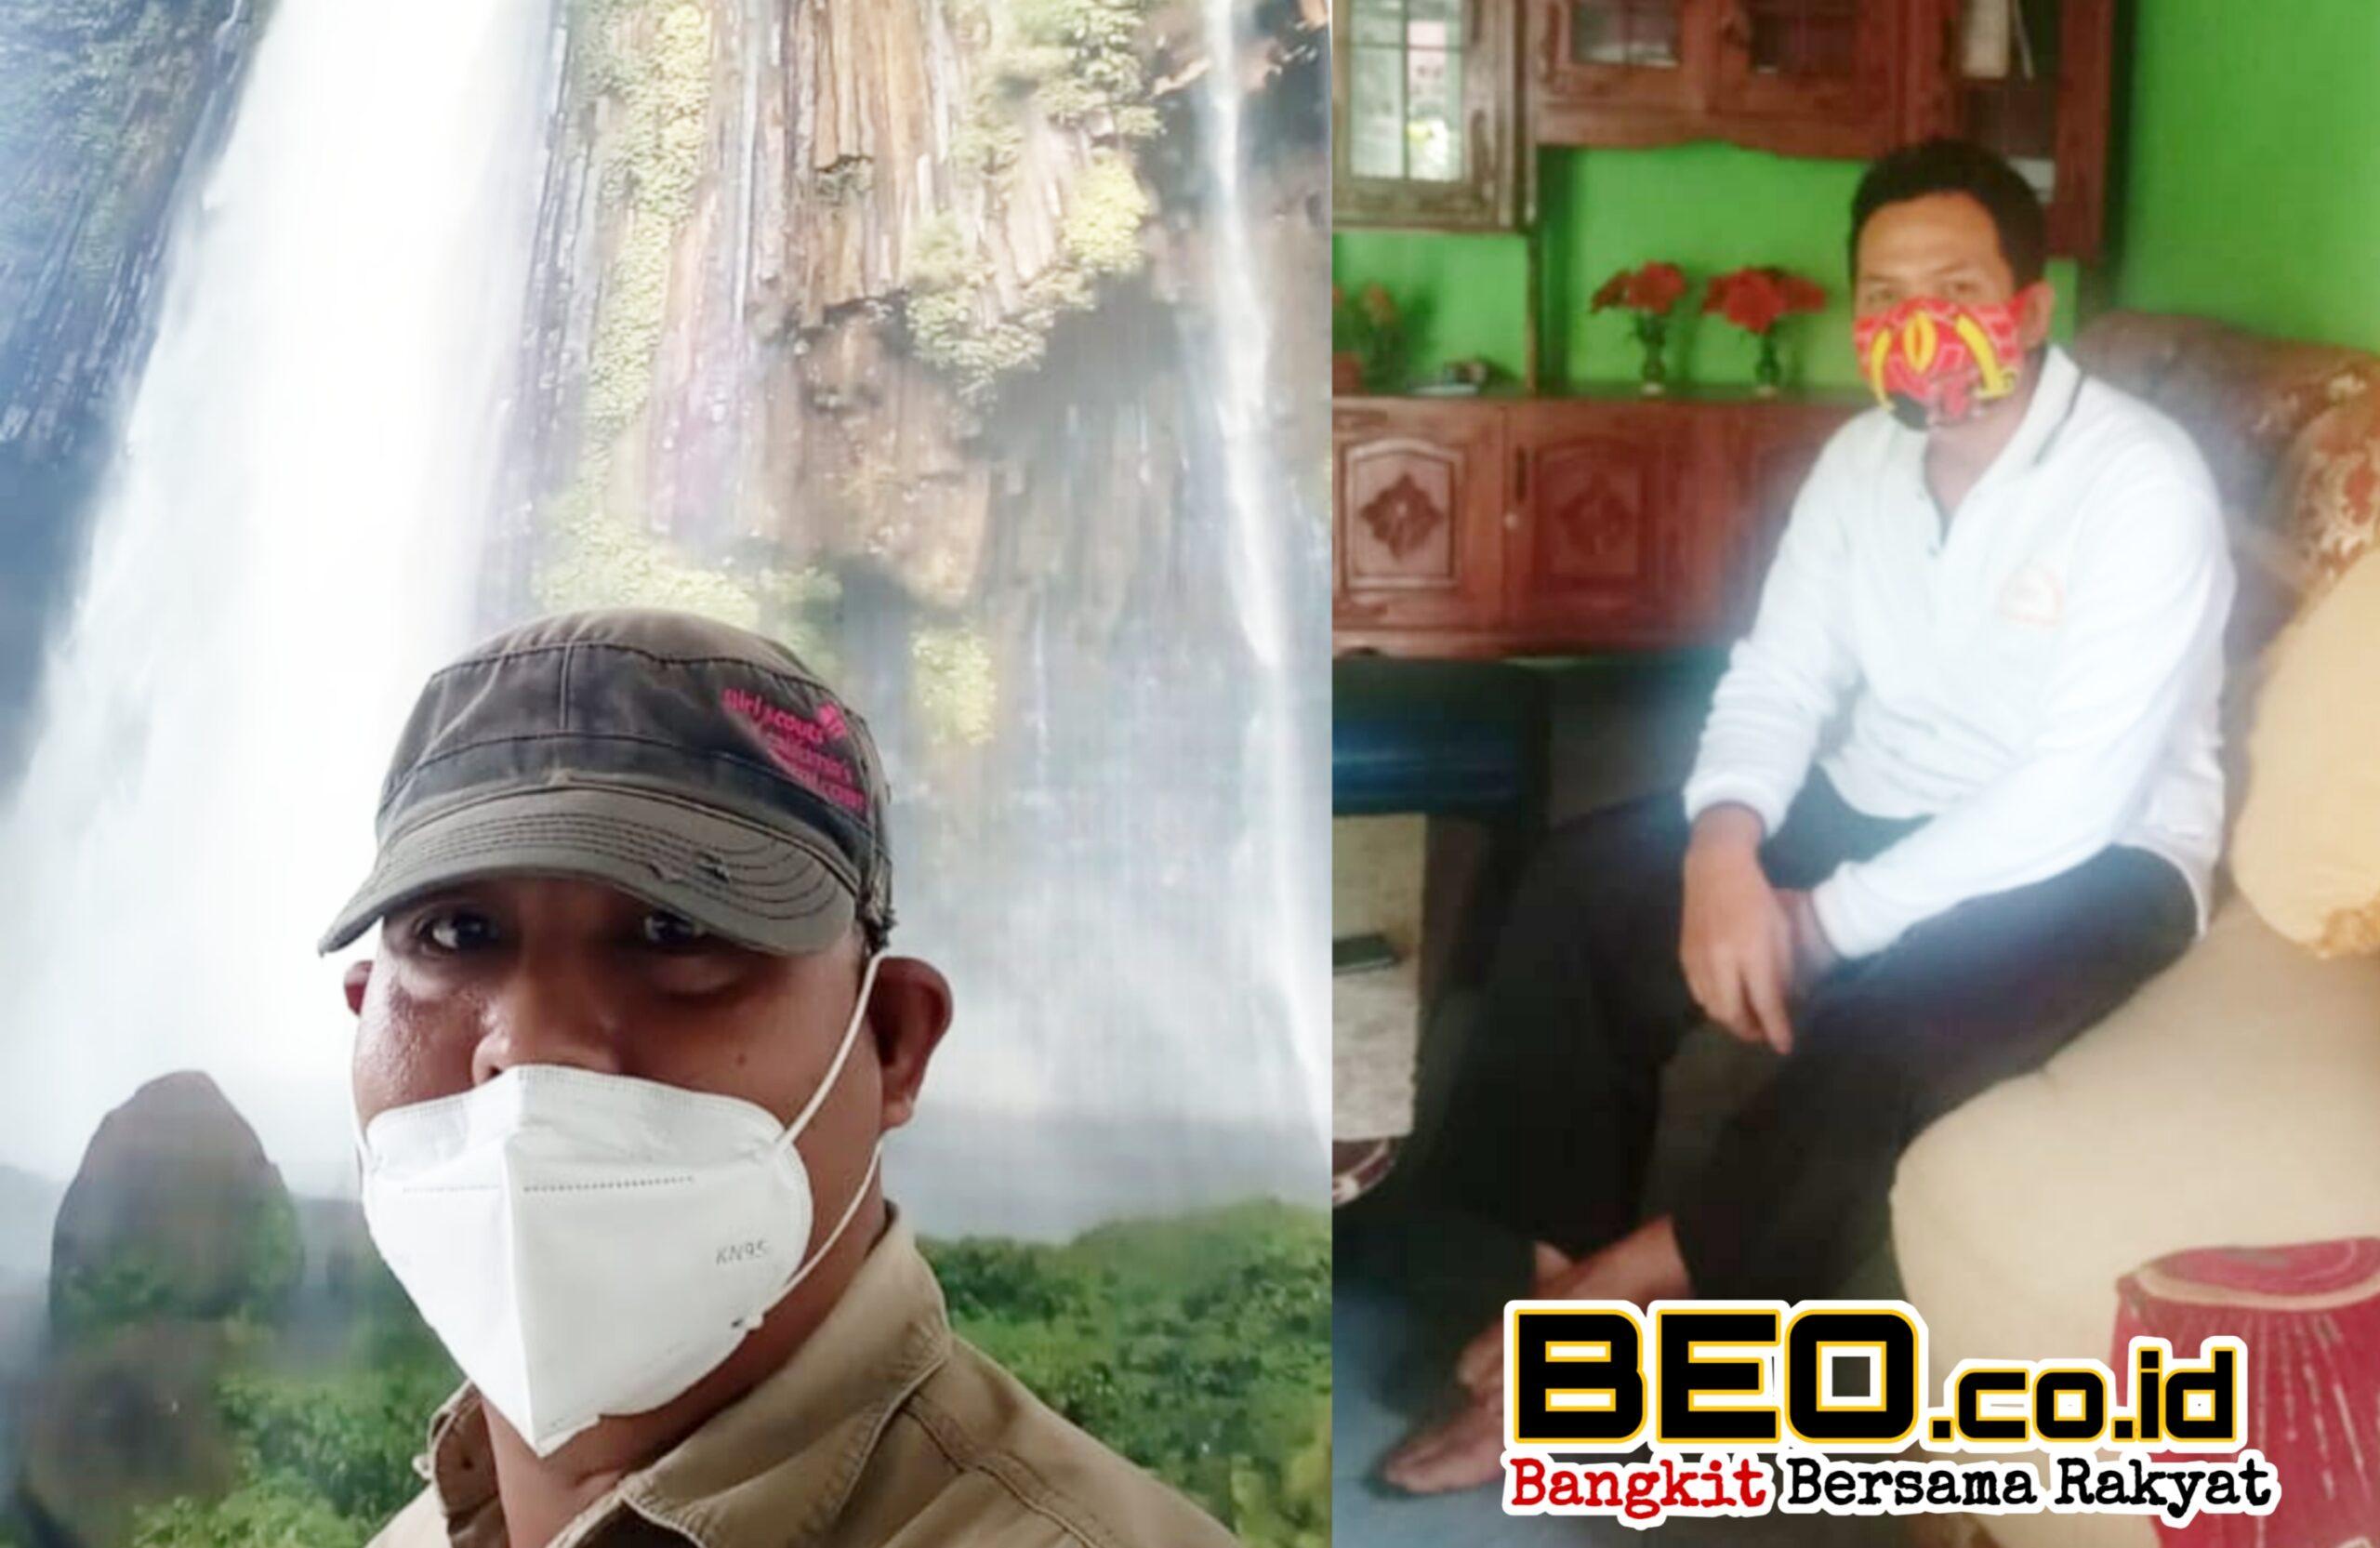 Keindahan Air Terjun Muara Karang Blitar, Sugiarto : Pemerintah Bantu Shalter & UKM